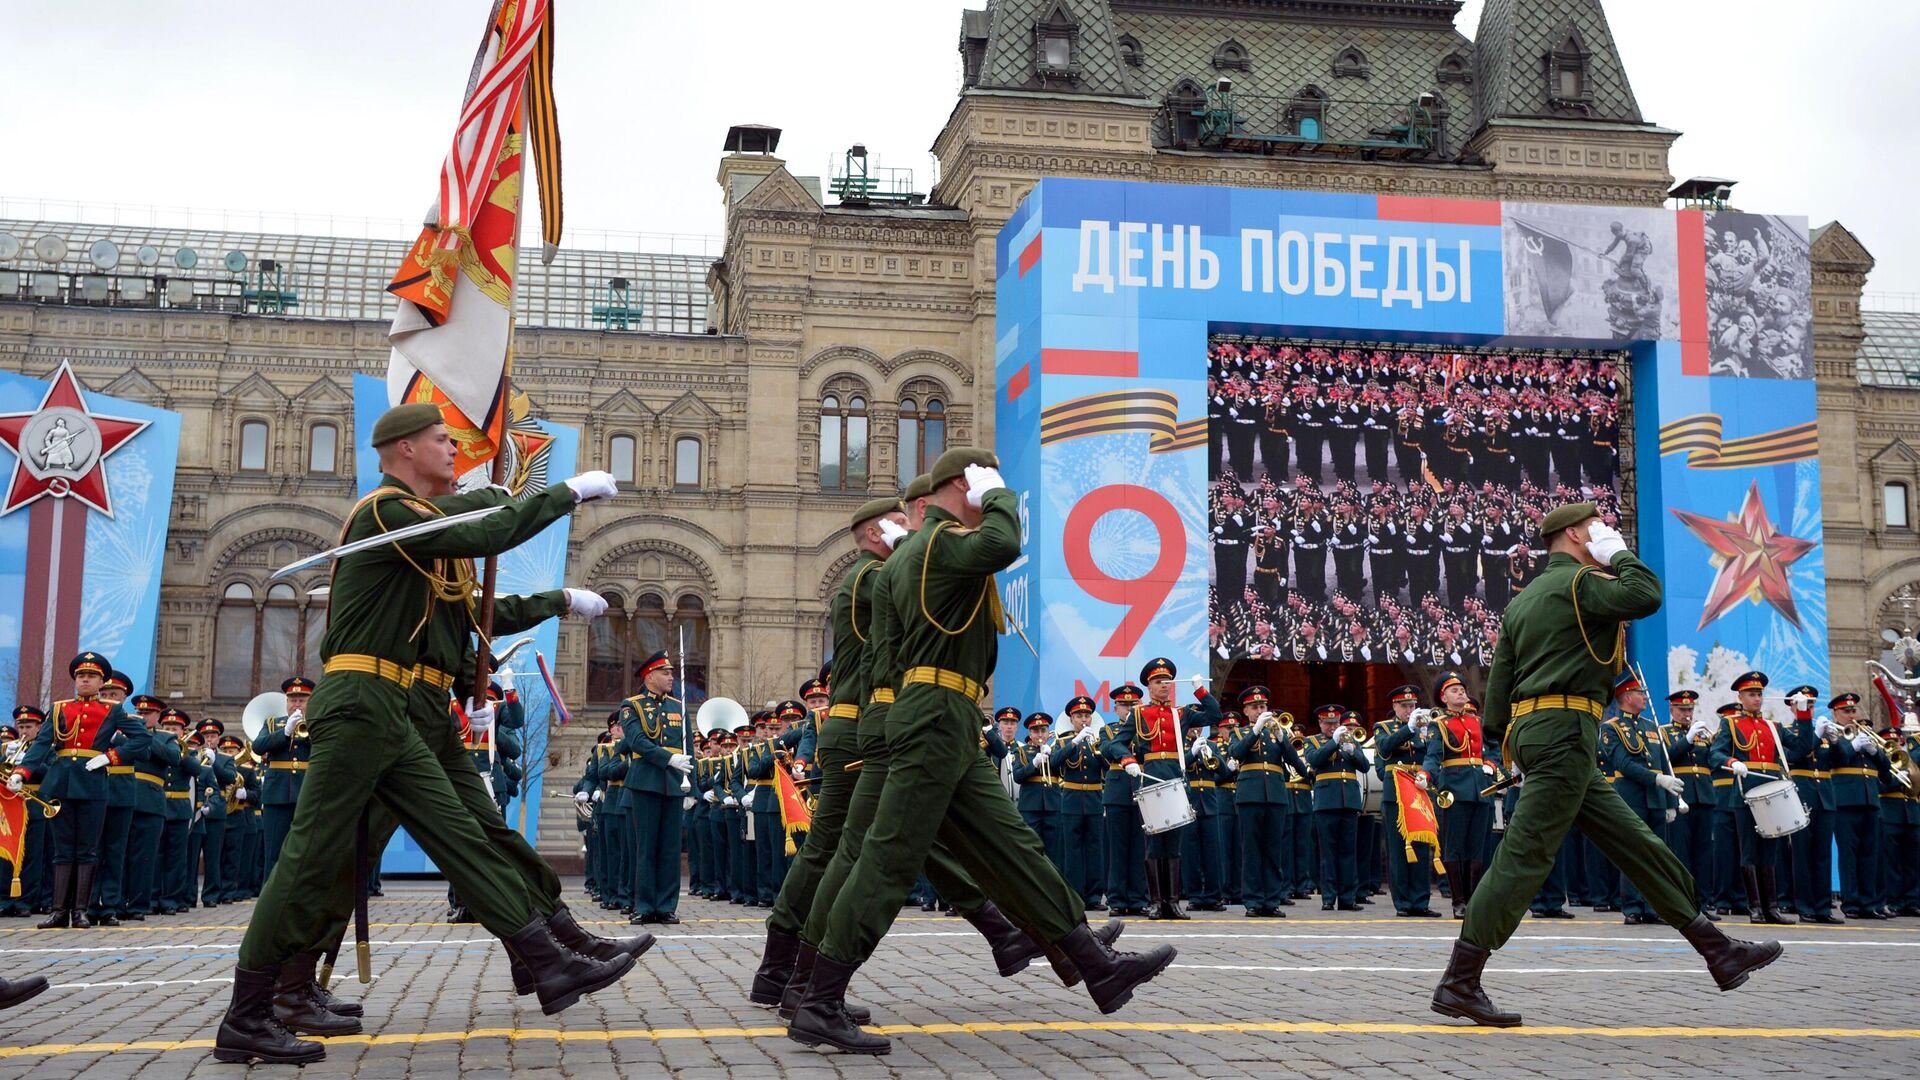 Военнослужащие парадных расчетов на военном параде в честь 76-й годовщины Победы в Великой Отечественной войне в Москве - РИА Новости, 1920, 12.05.2021